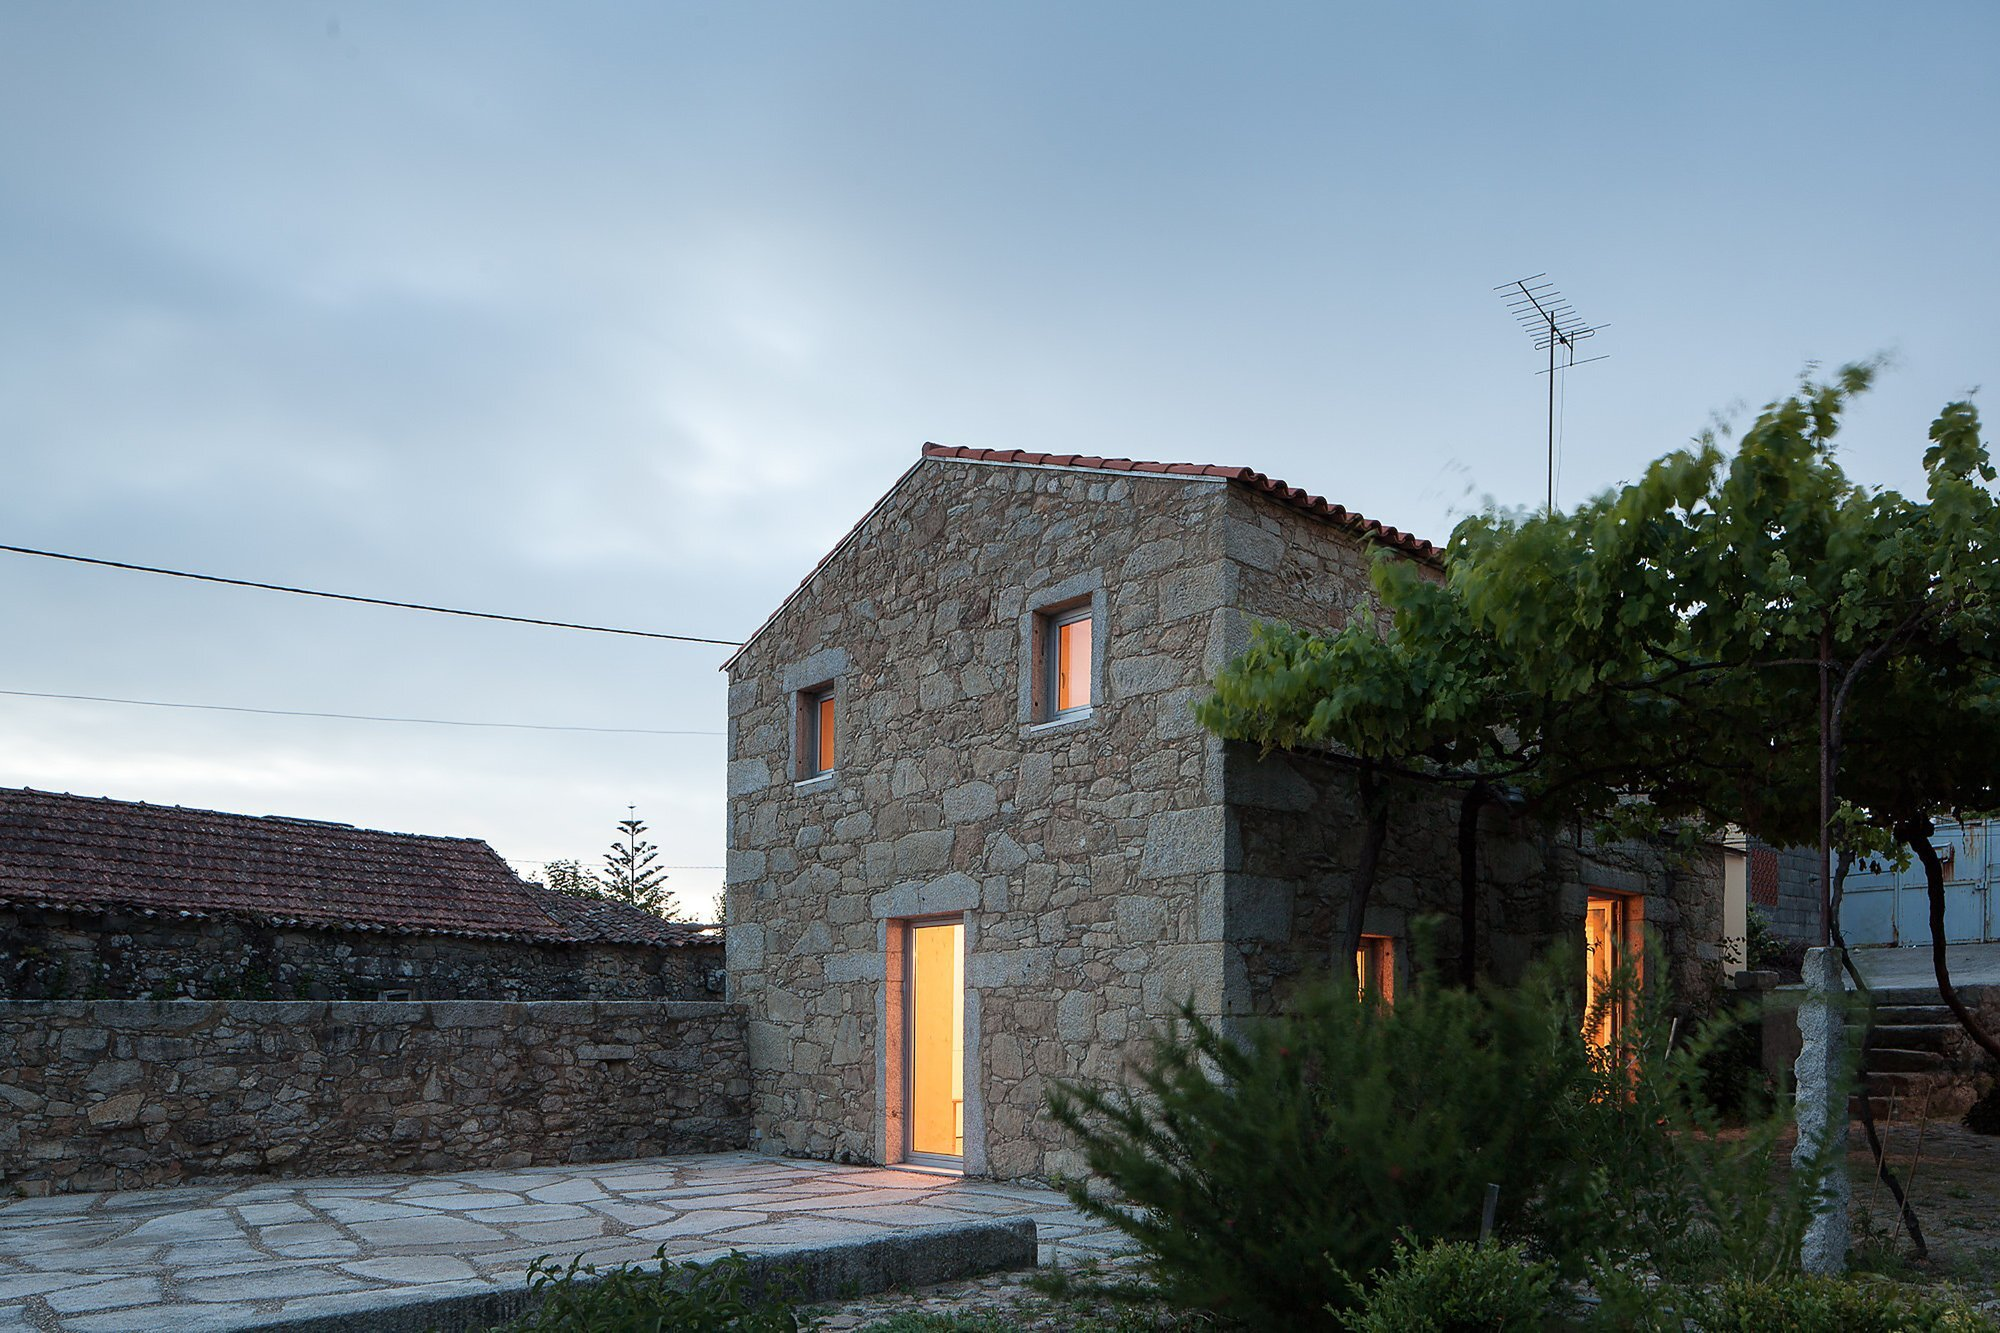 Nogueiras House - Sofia Parente + André Delgado - Portugal - Exterior - Humble Homes